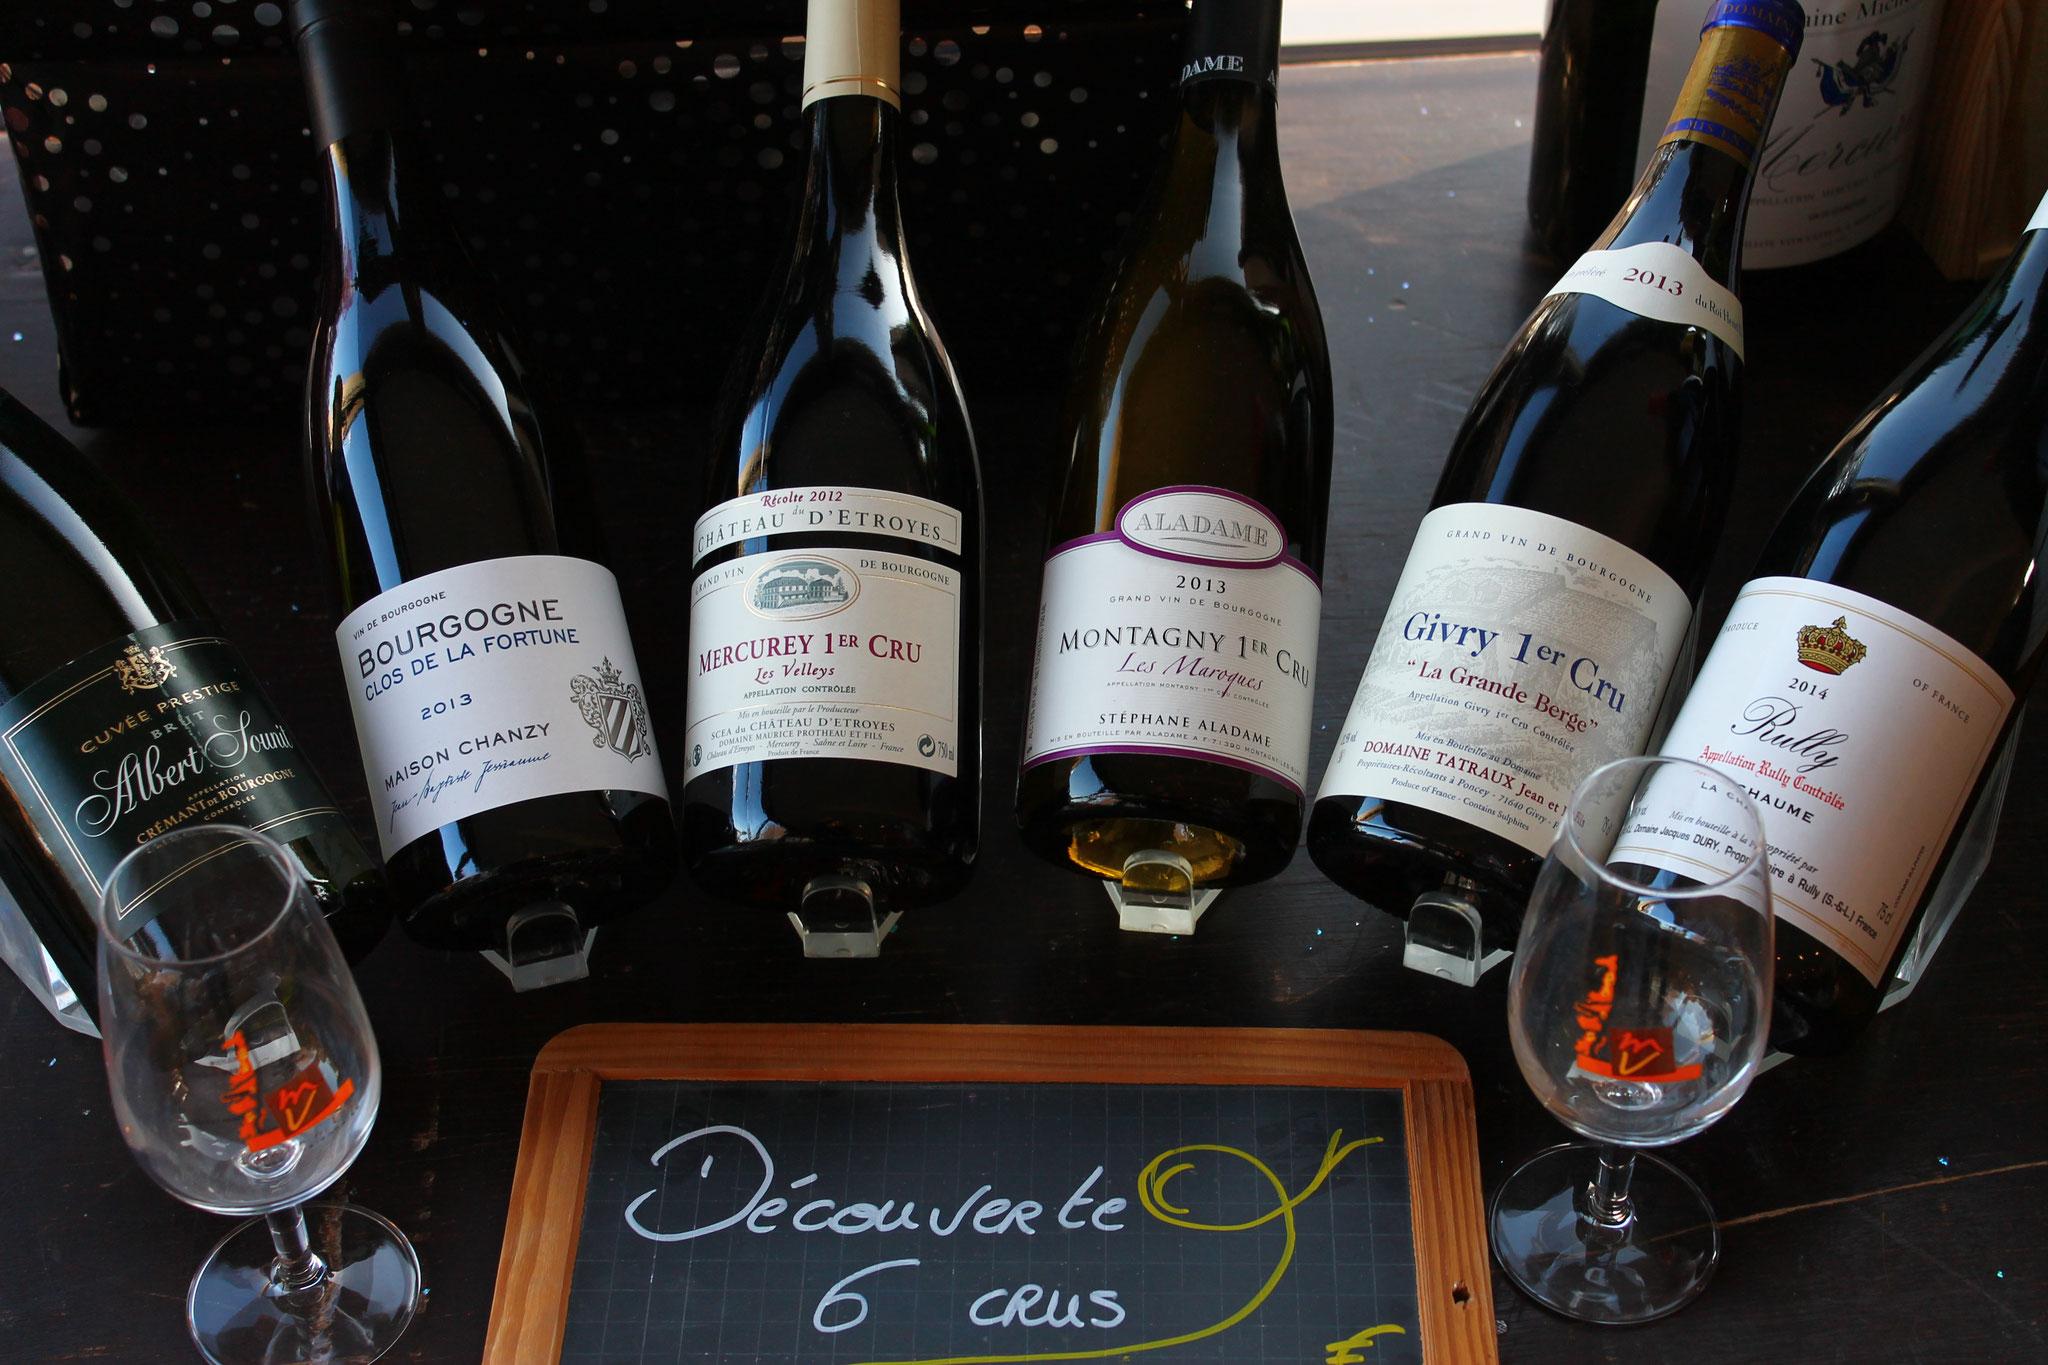 Les vins de la côte chalonnaise: plaisirs et variété